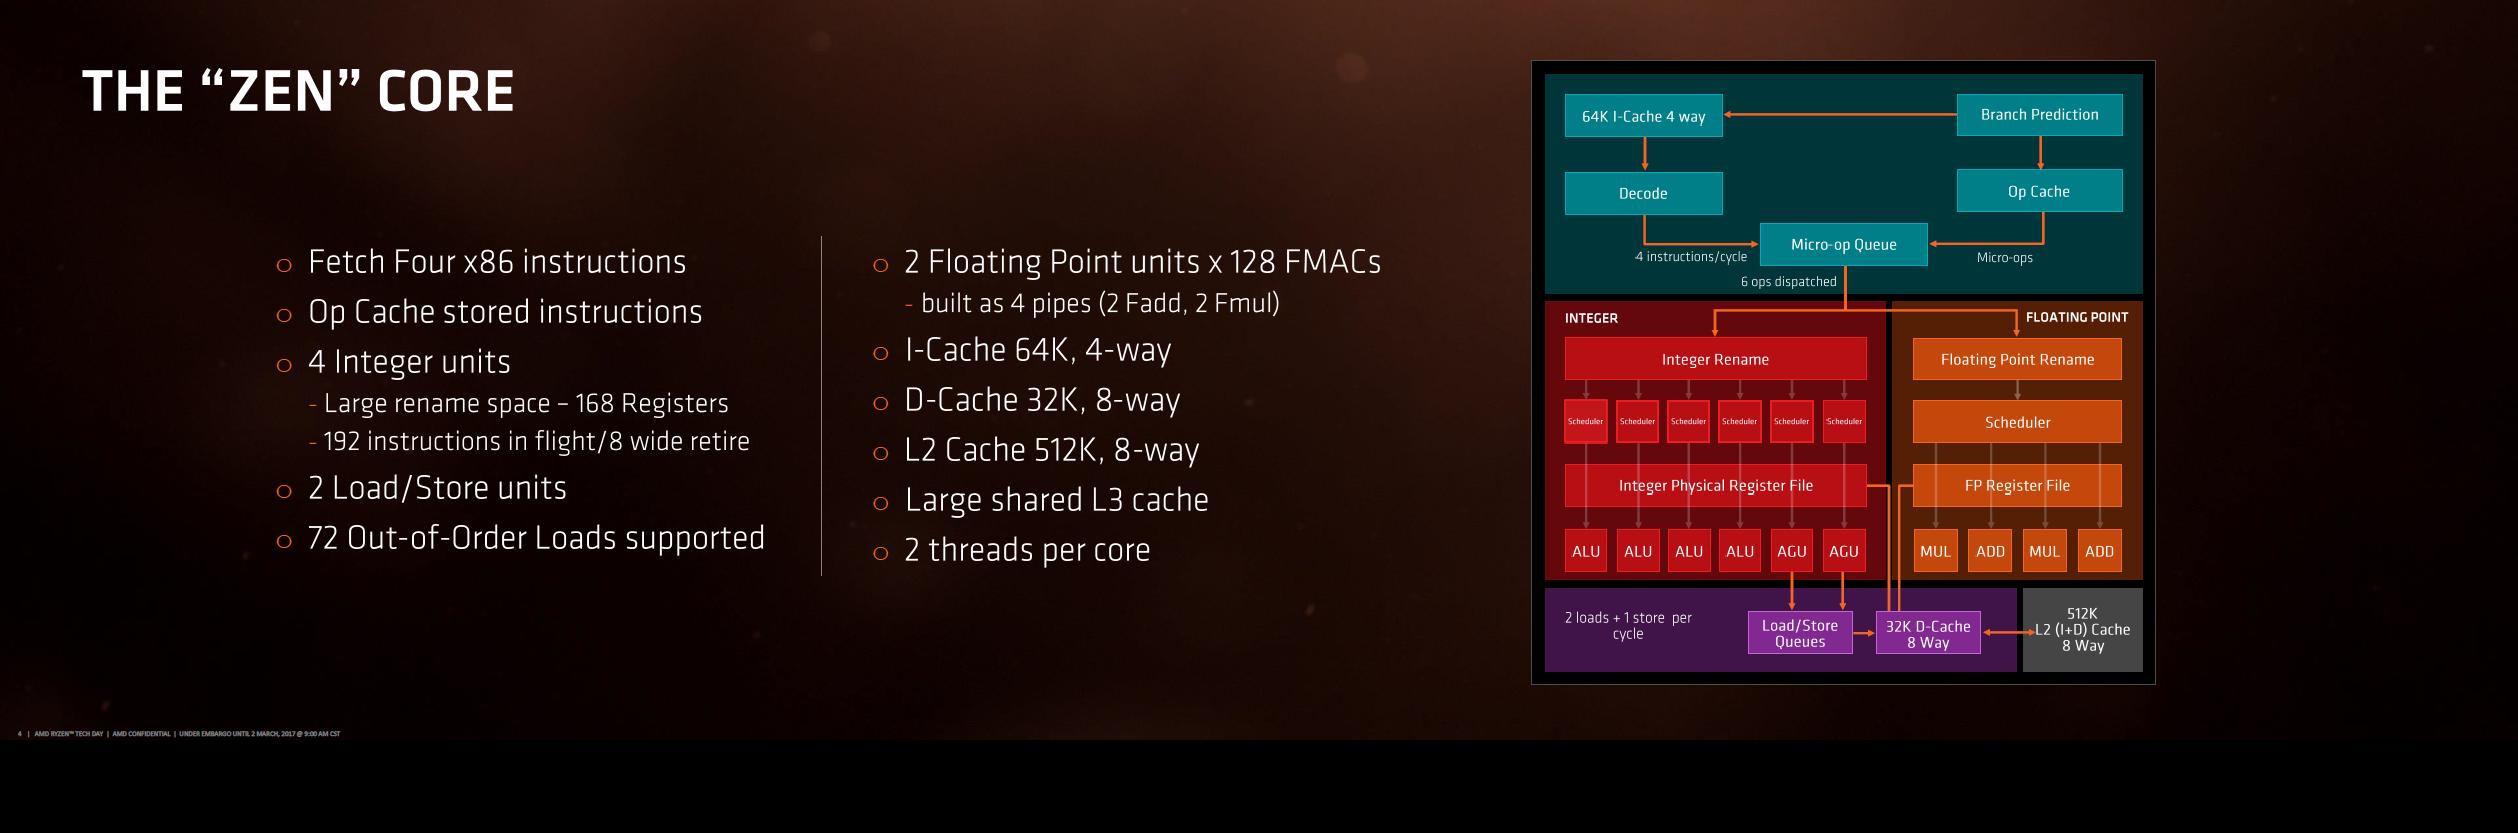 """Ryzen 7 1800X im Test: """"AMD ist endlich zurück"""" - Blockdiagramm eines Zen-Kerns (Bild: AMD)"""